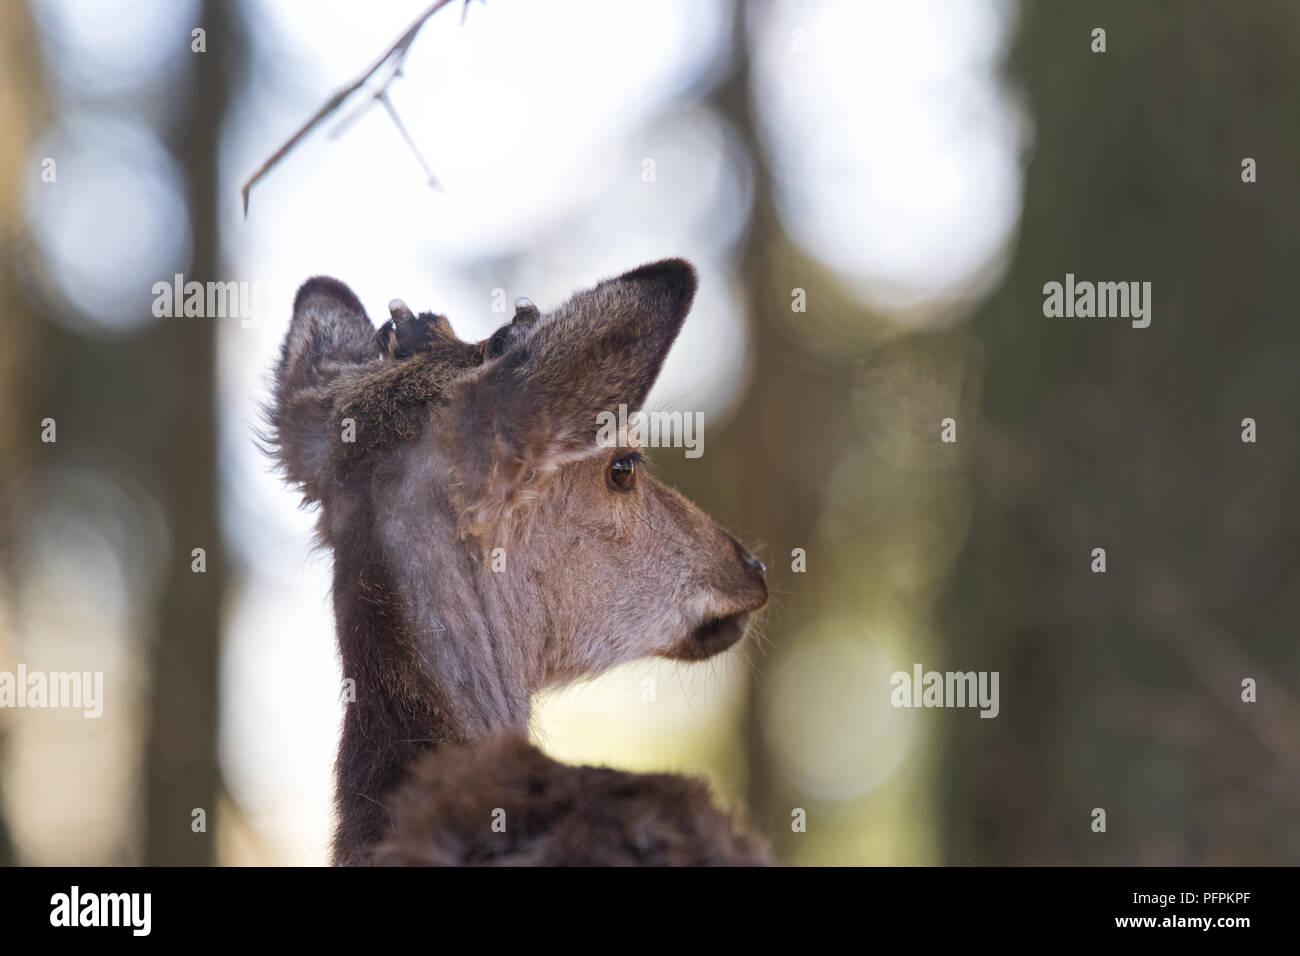 Rotwild, Cervus elaphus, Wald in der Nähe der belgischen Grenze Kopf Bild von Alert männliche Hirsche im Wald Stockbild